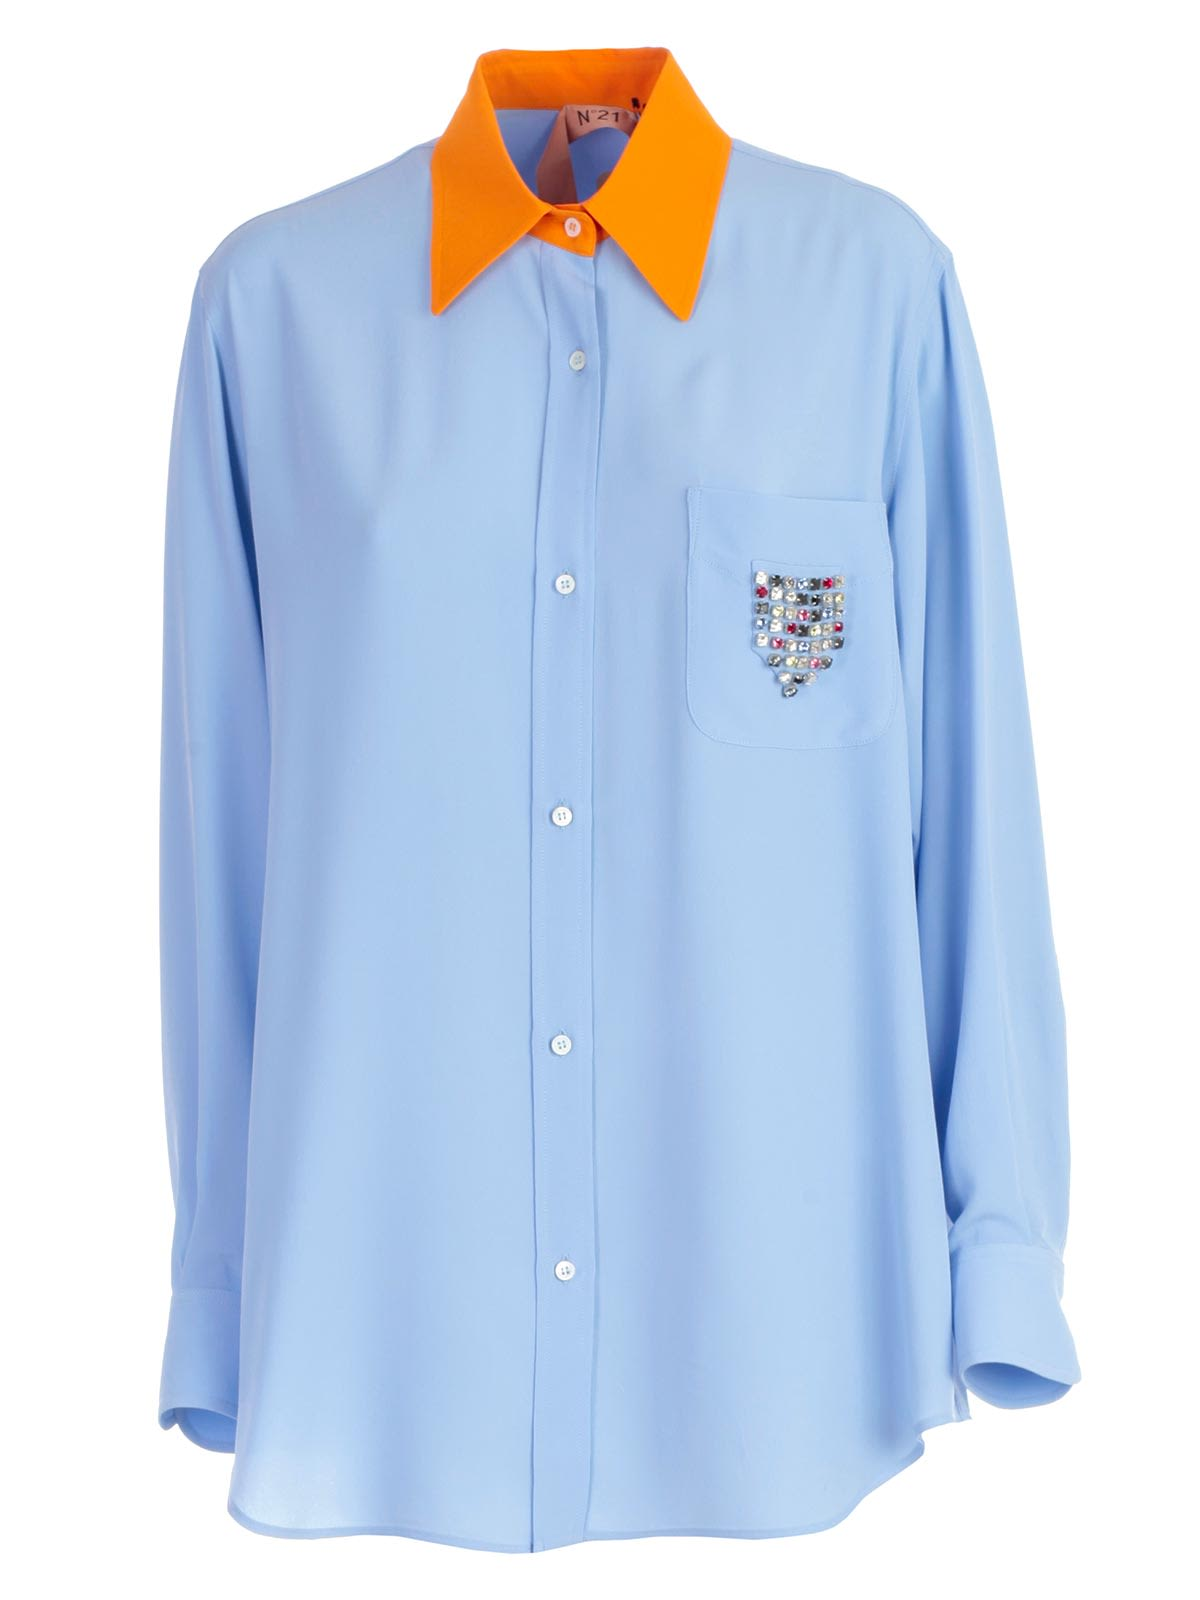 21 Pastel Blue Bedroom Designs Decorating Ideas: N.21 N.21 Crystal Embellished Shirt